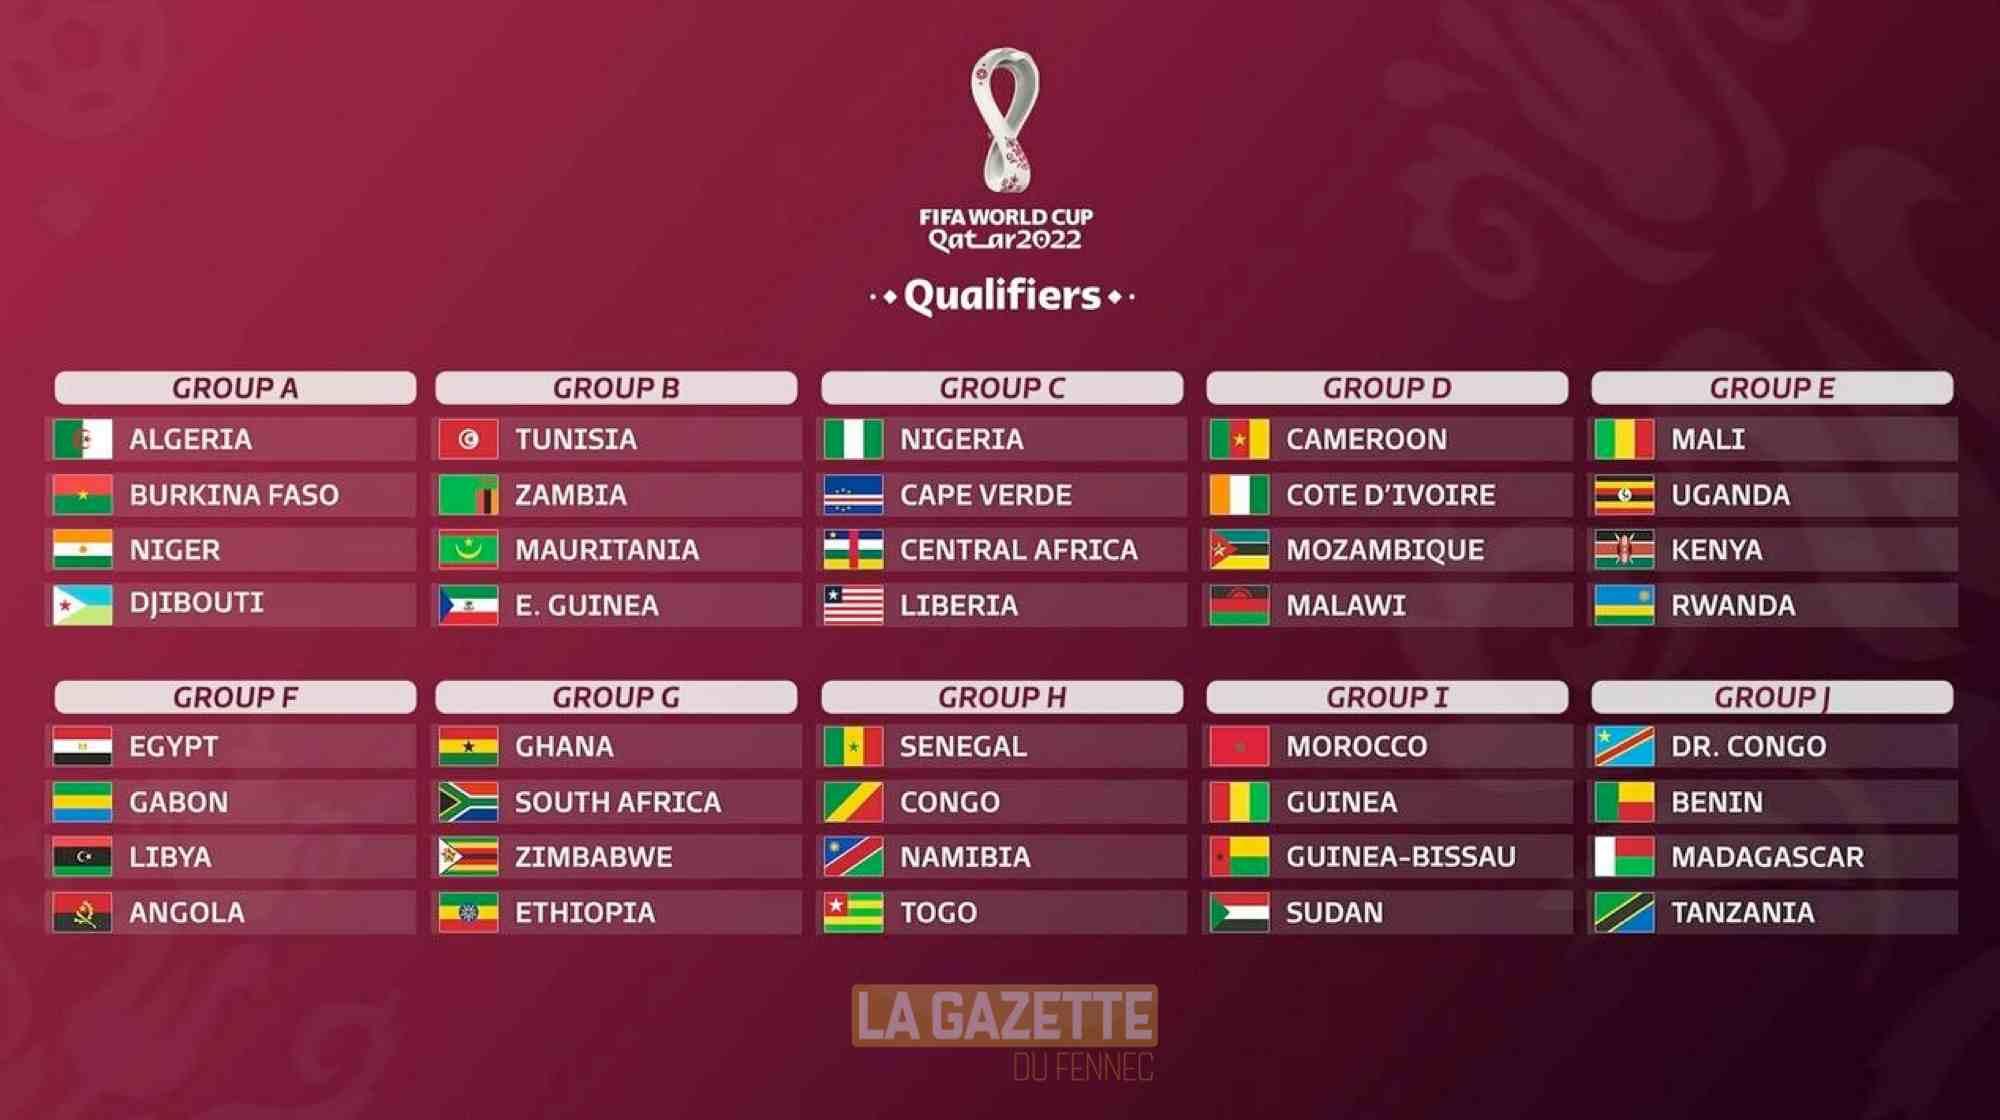 groupe qualfiers cm 2022 qatar eliminatoires zone afrique